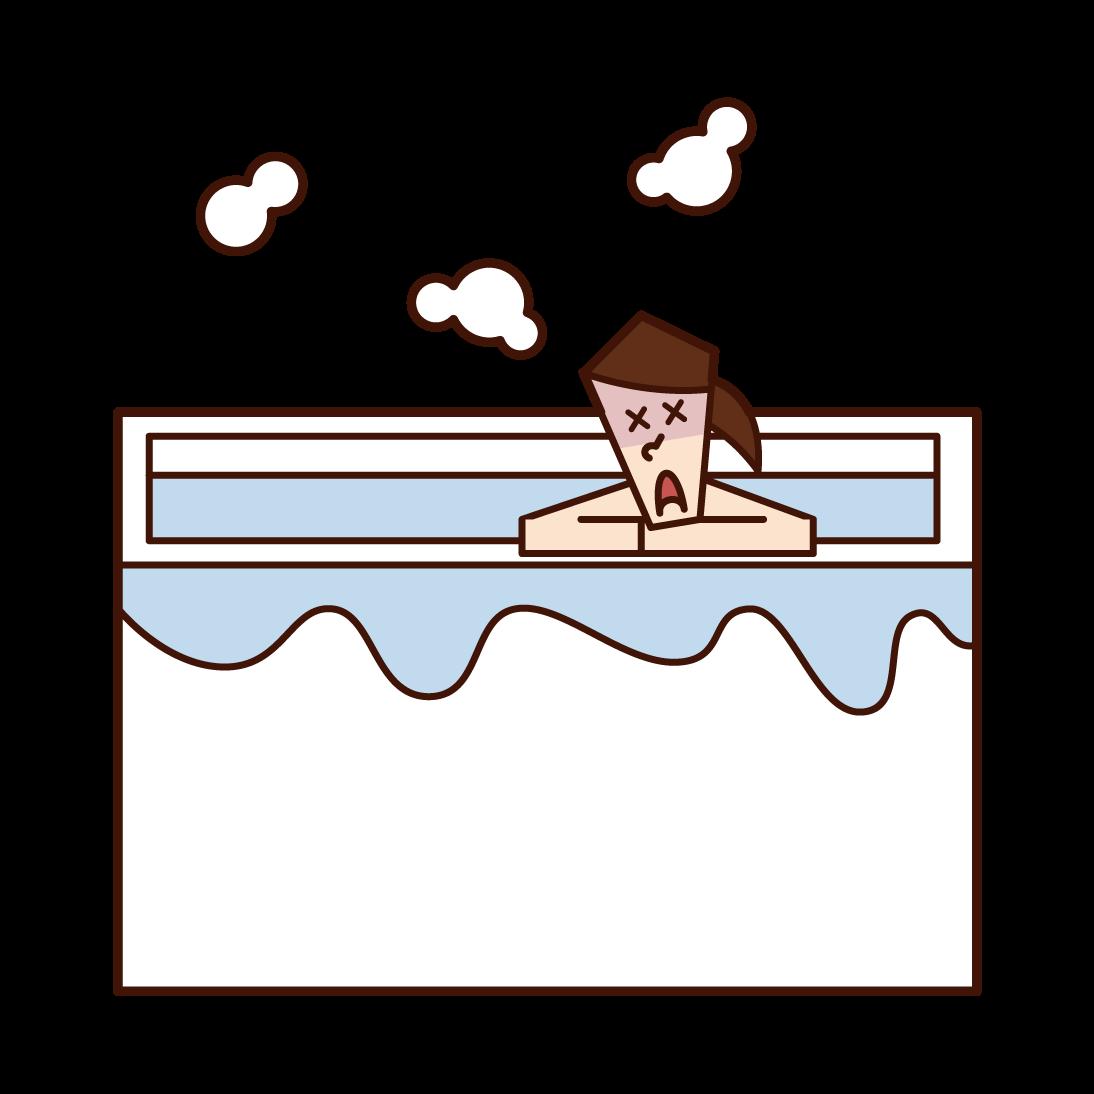 お風呂でのぼせる人(女性)のイラスト